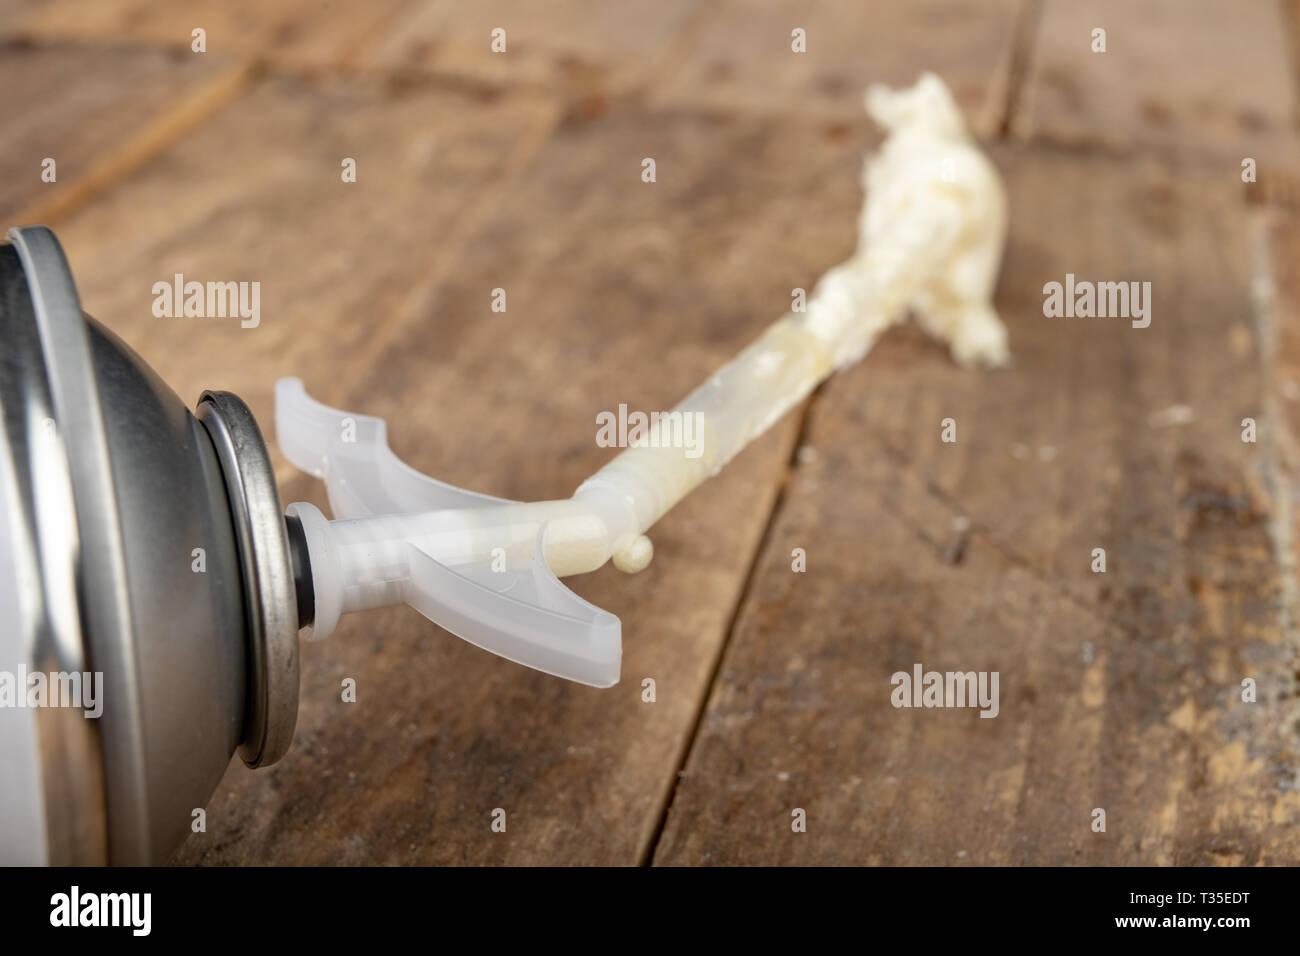 Röhrenspritzen Durchfall nach Analsex